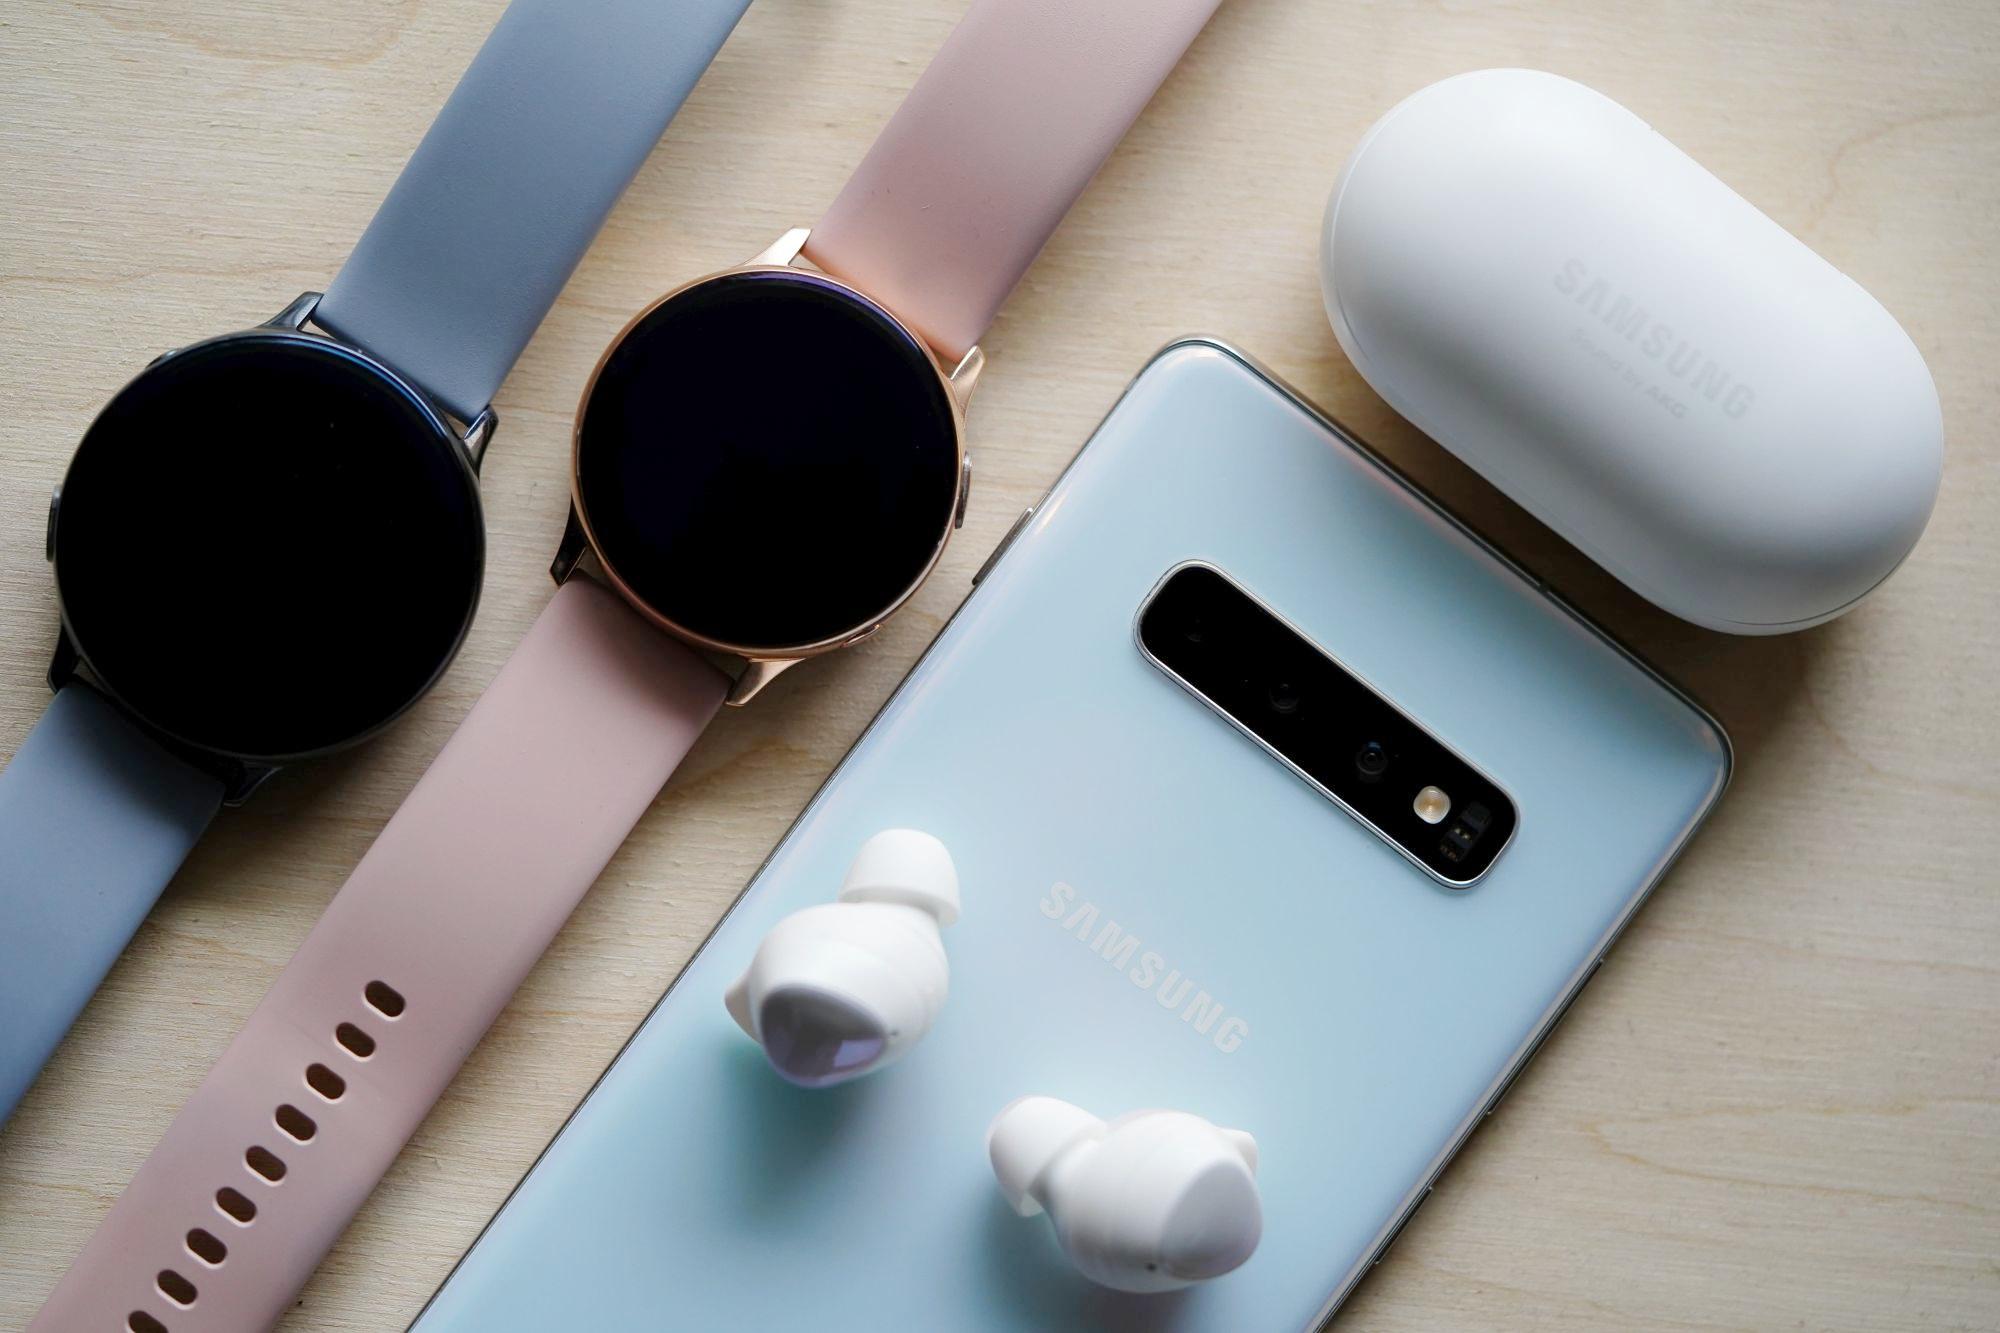 Galaxy S10+, Galaxy Active2 i Galaxy Buds - kiedy smartfon nie gra pierwszych skrzypiec 19